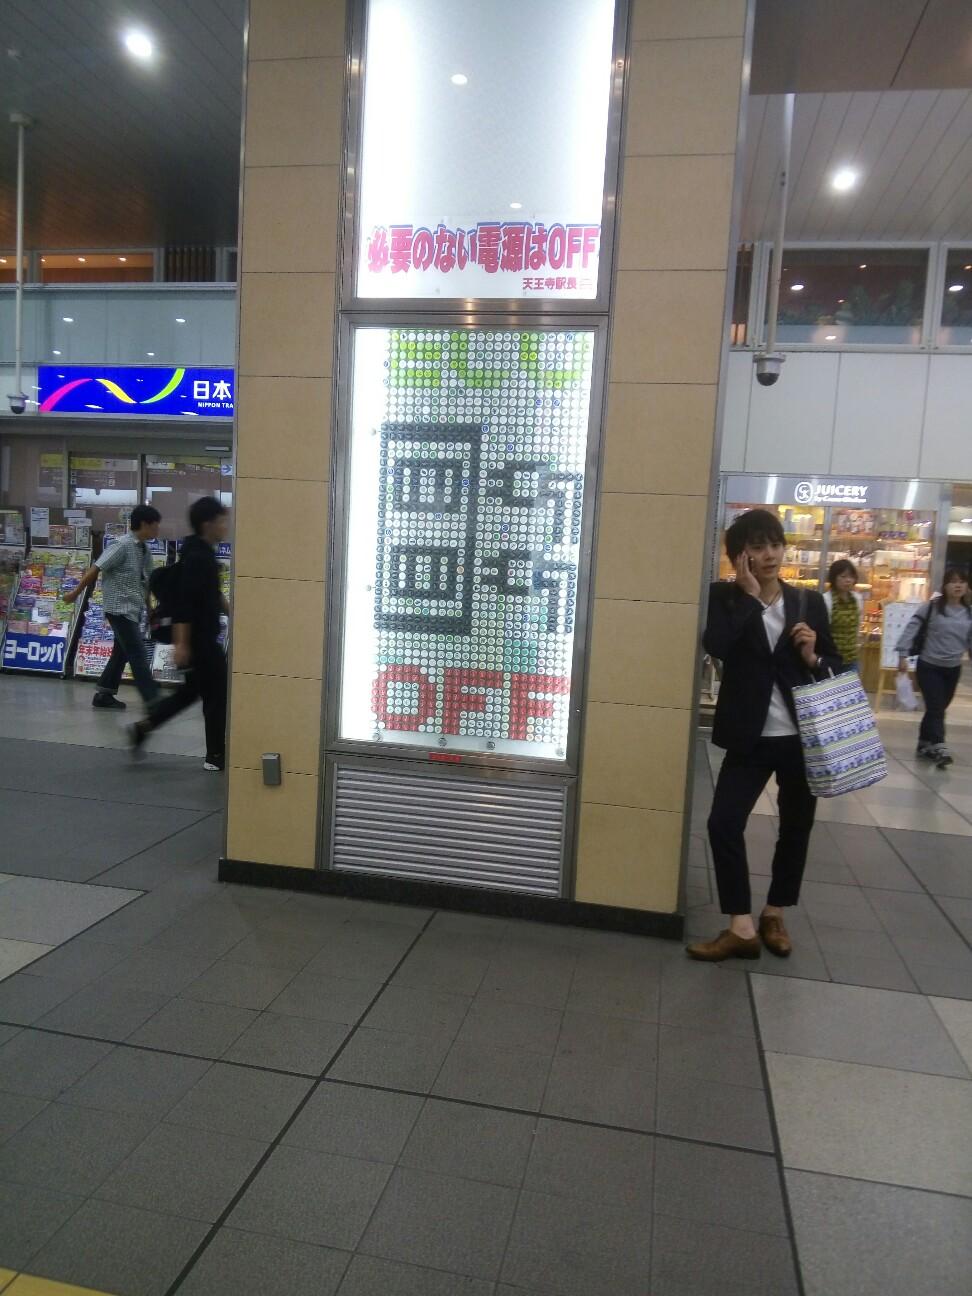 f:id:Osakaloopline:20171001002131j:image